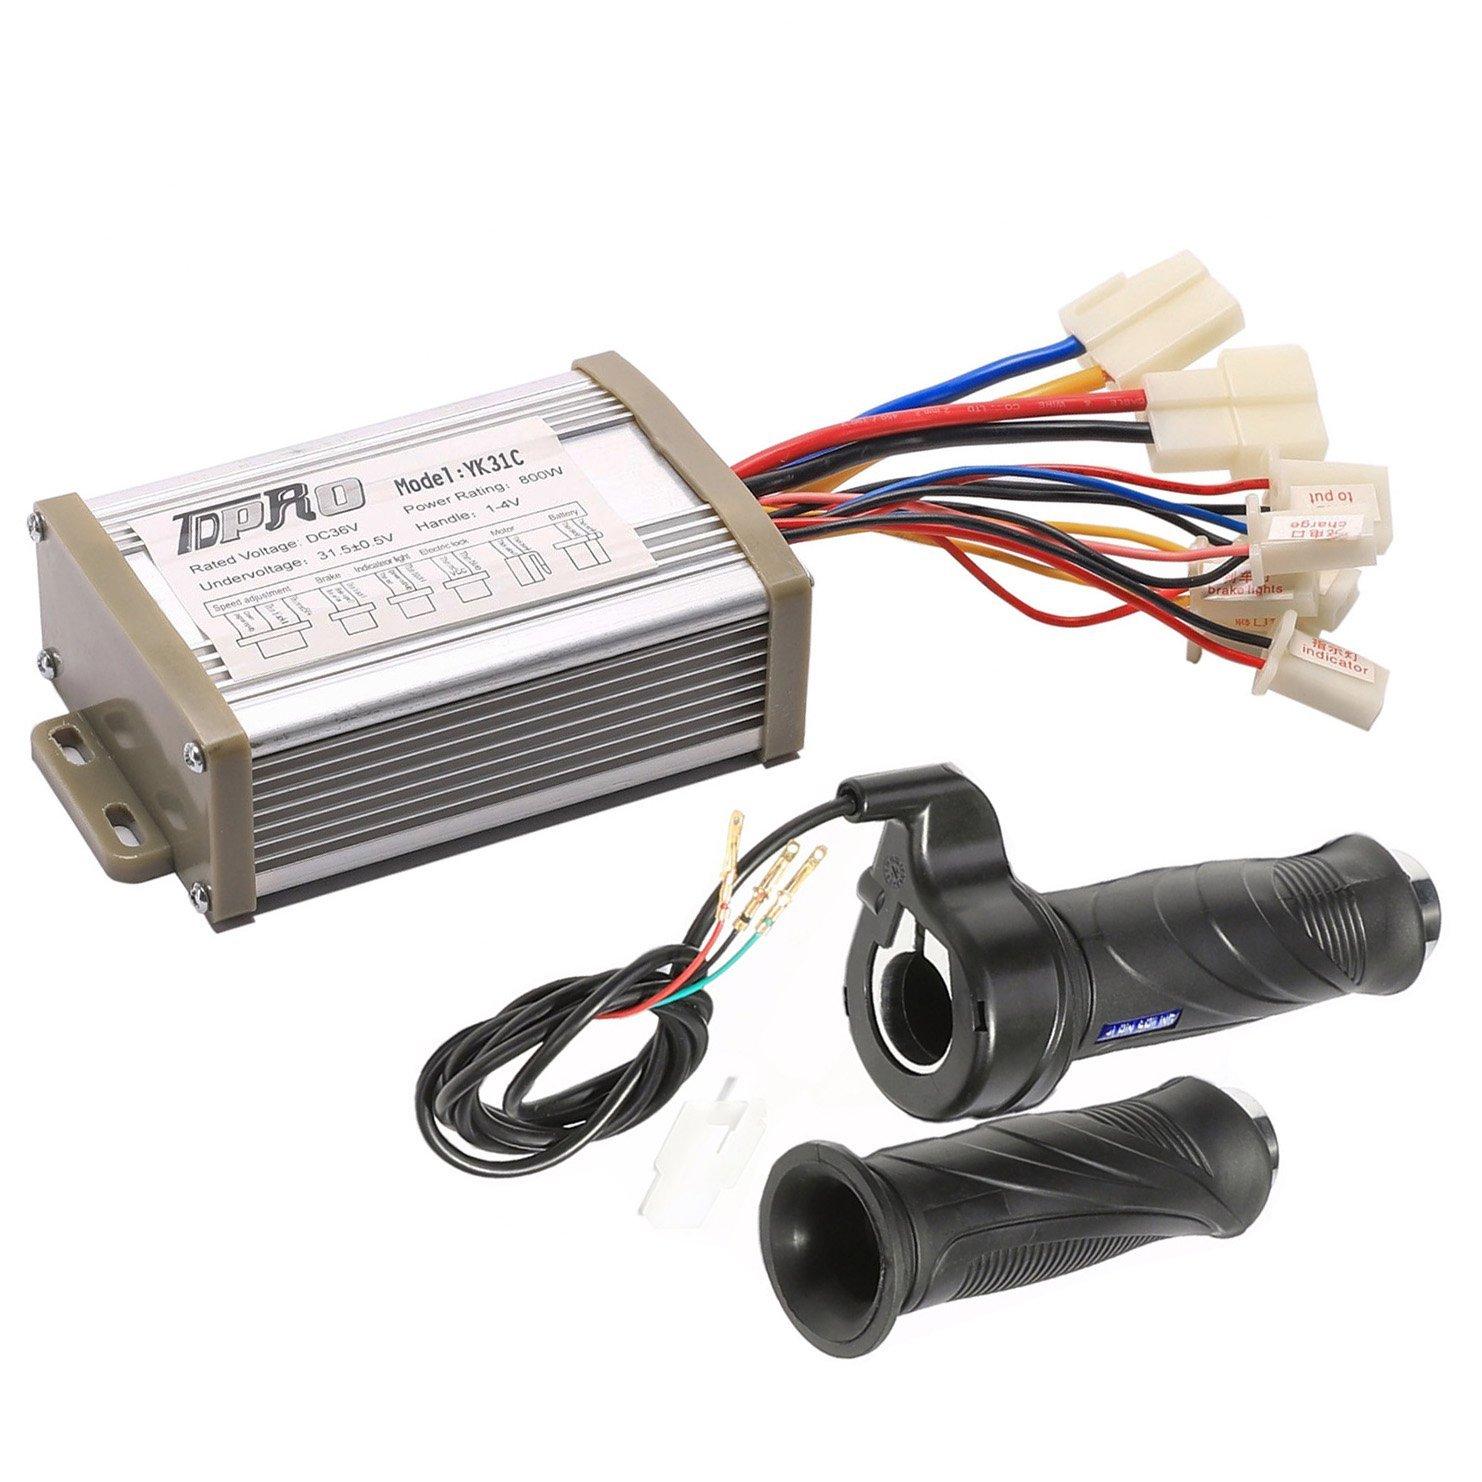 Amazon.com: TDPRO - Controlador de motor de velocidad de ...